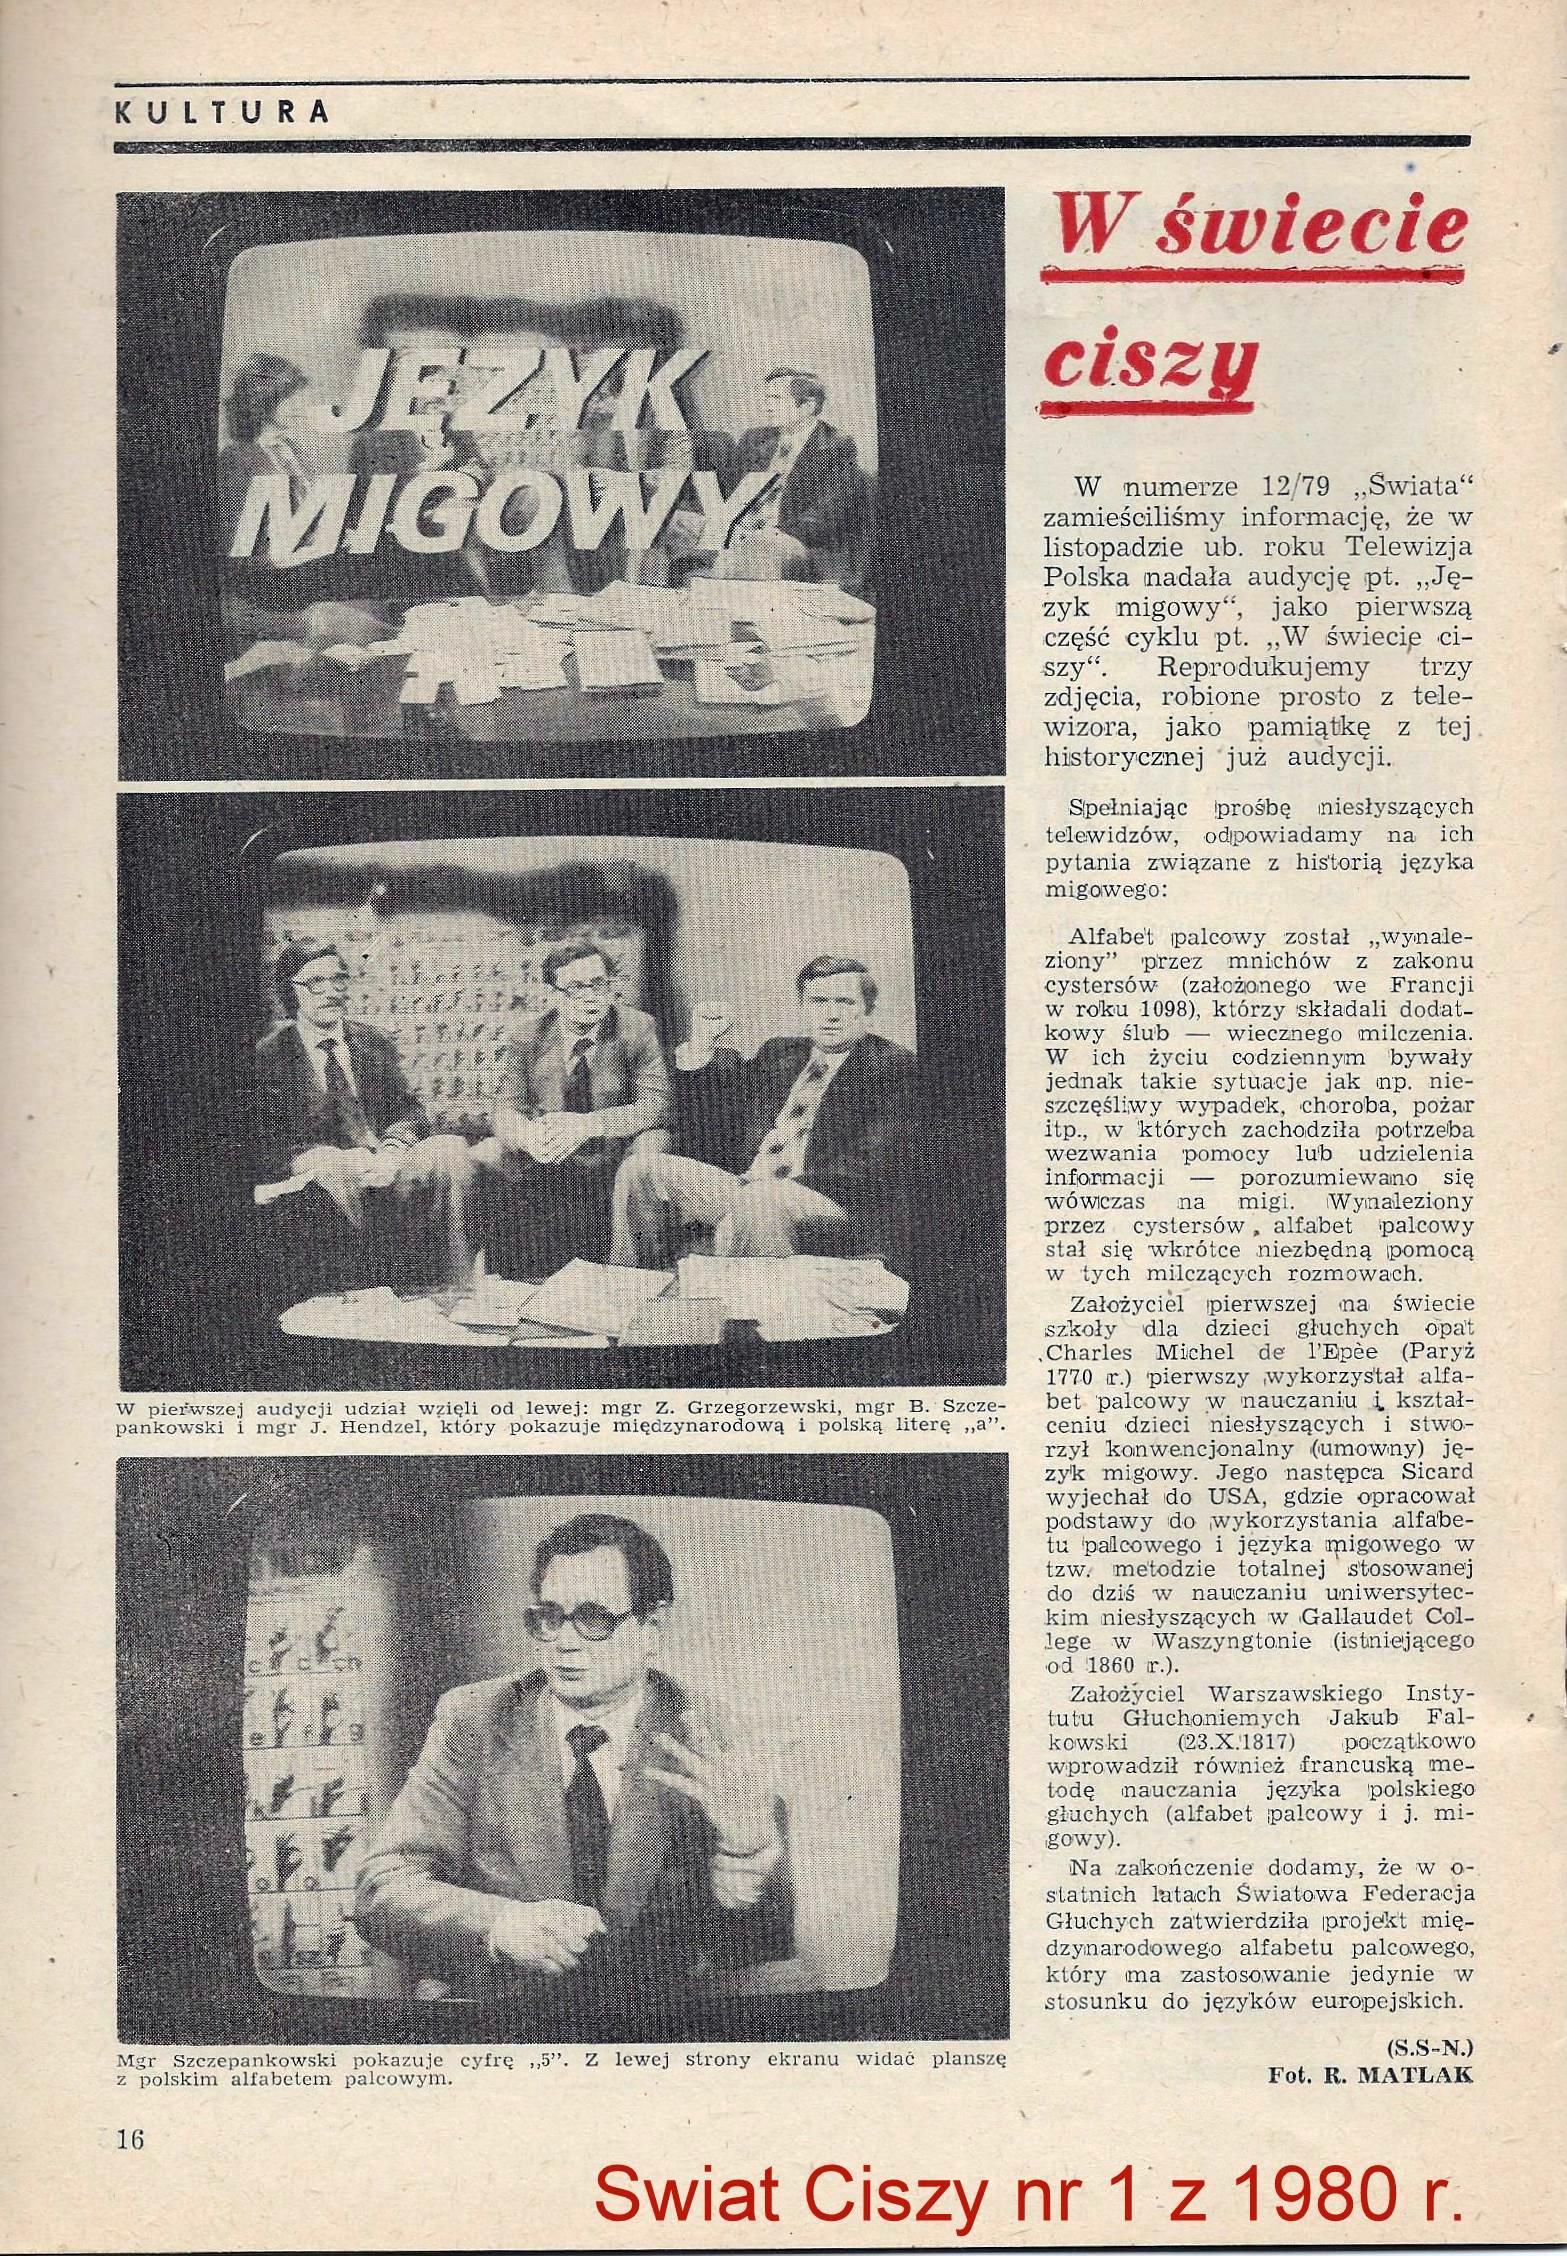 tłumacz języka migowego w telewizji — historia, tłumacze: Szczepankowski, Hendzel, Grzegorzewski